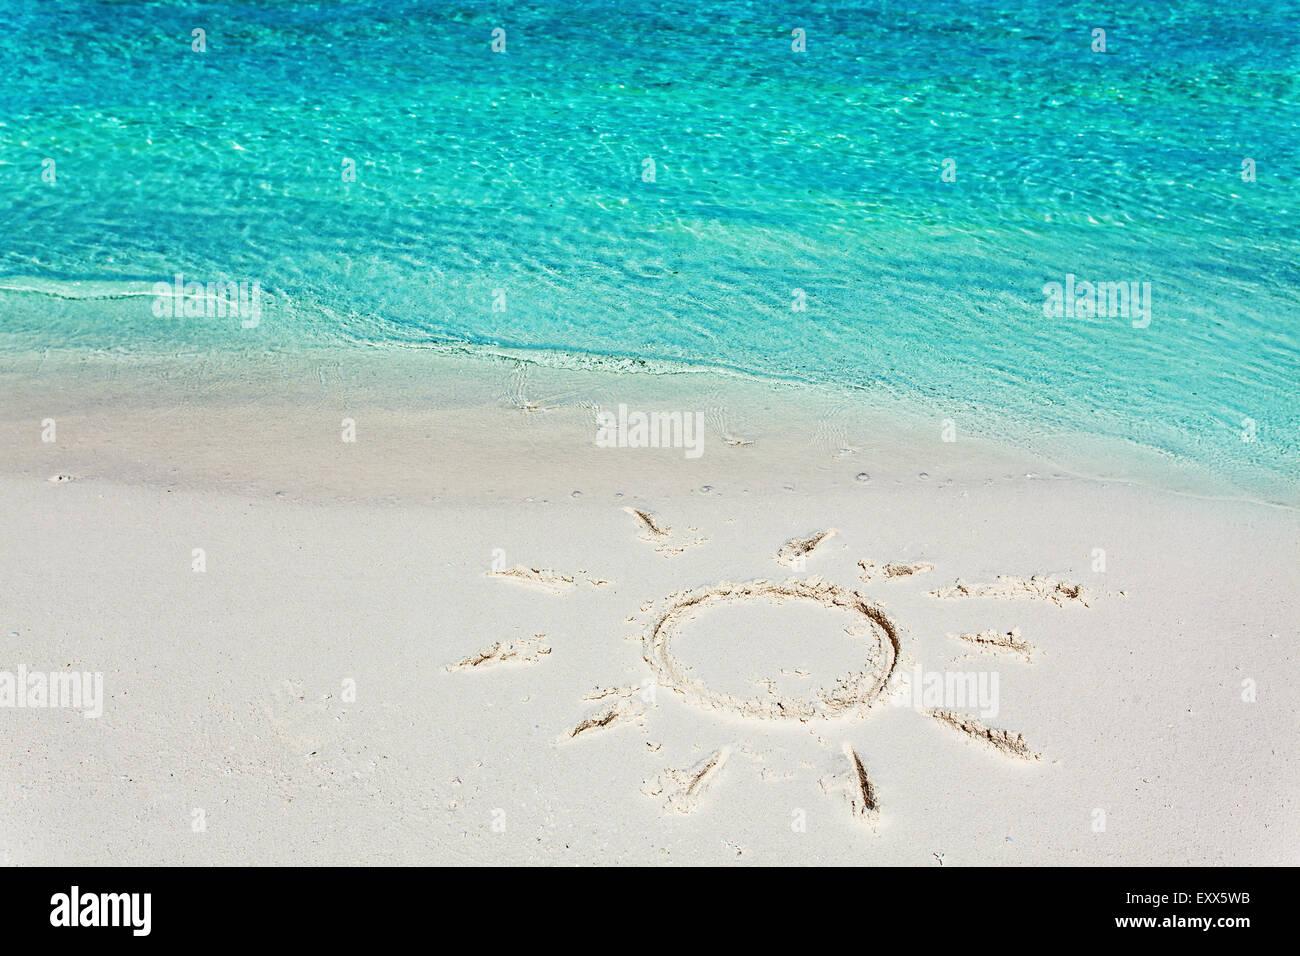 Una imagen de un sol en la arena de la playa tropical Imagen De Stock